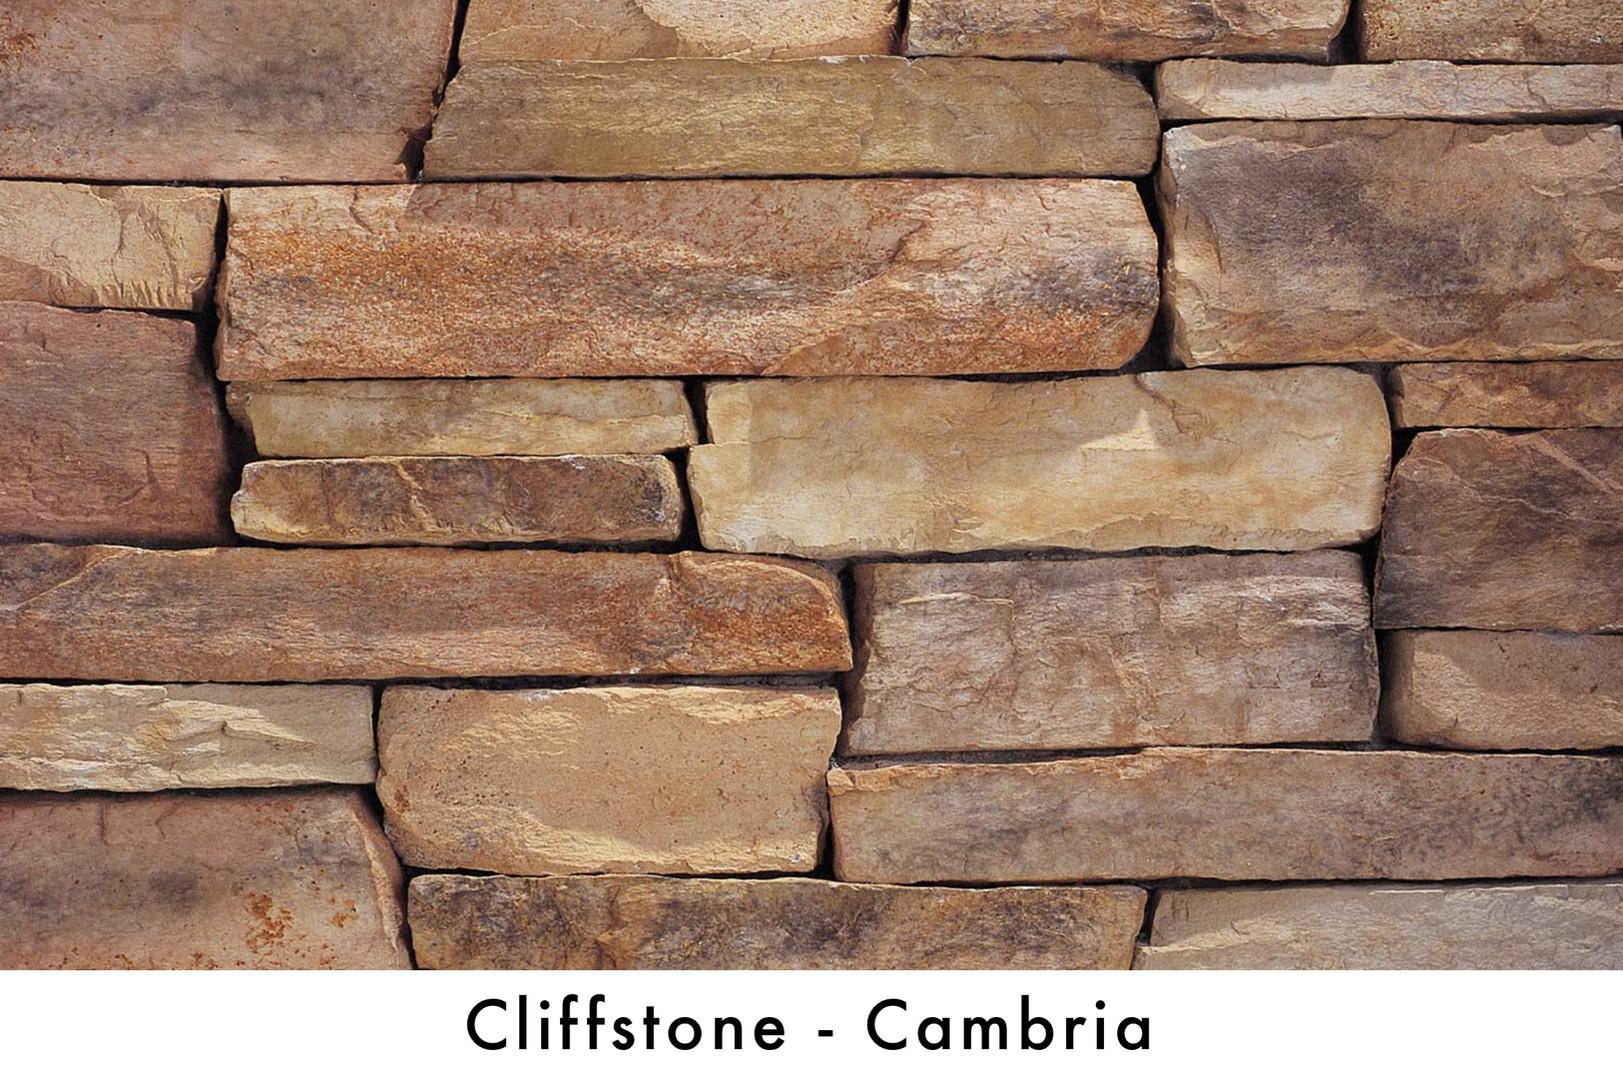 Cliffstone - Cambria